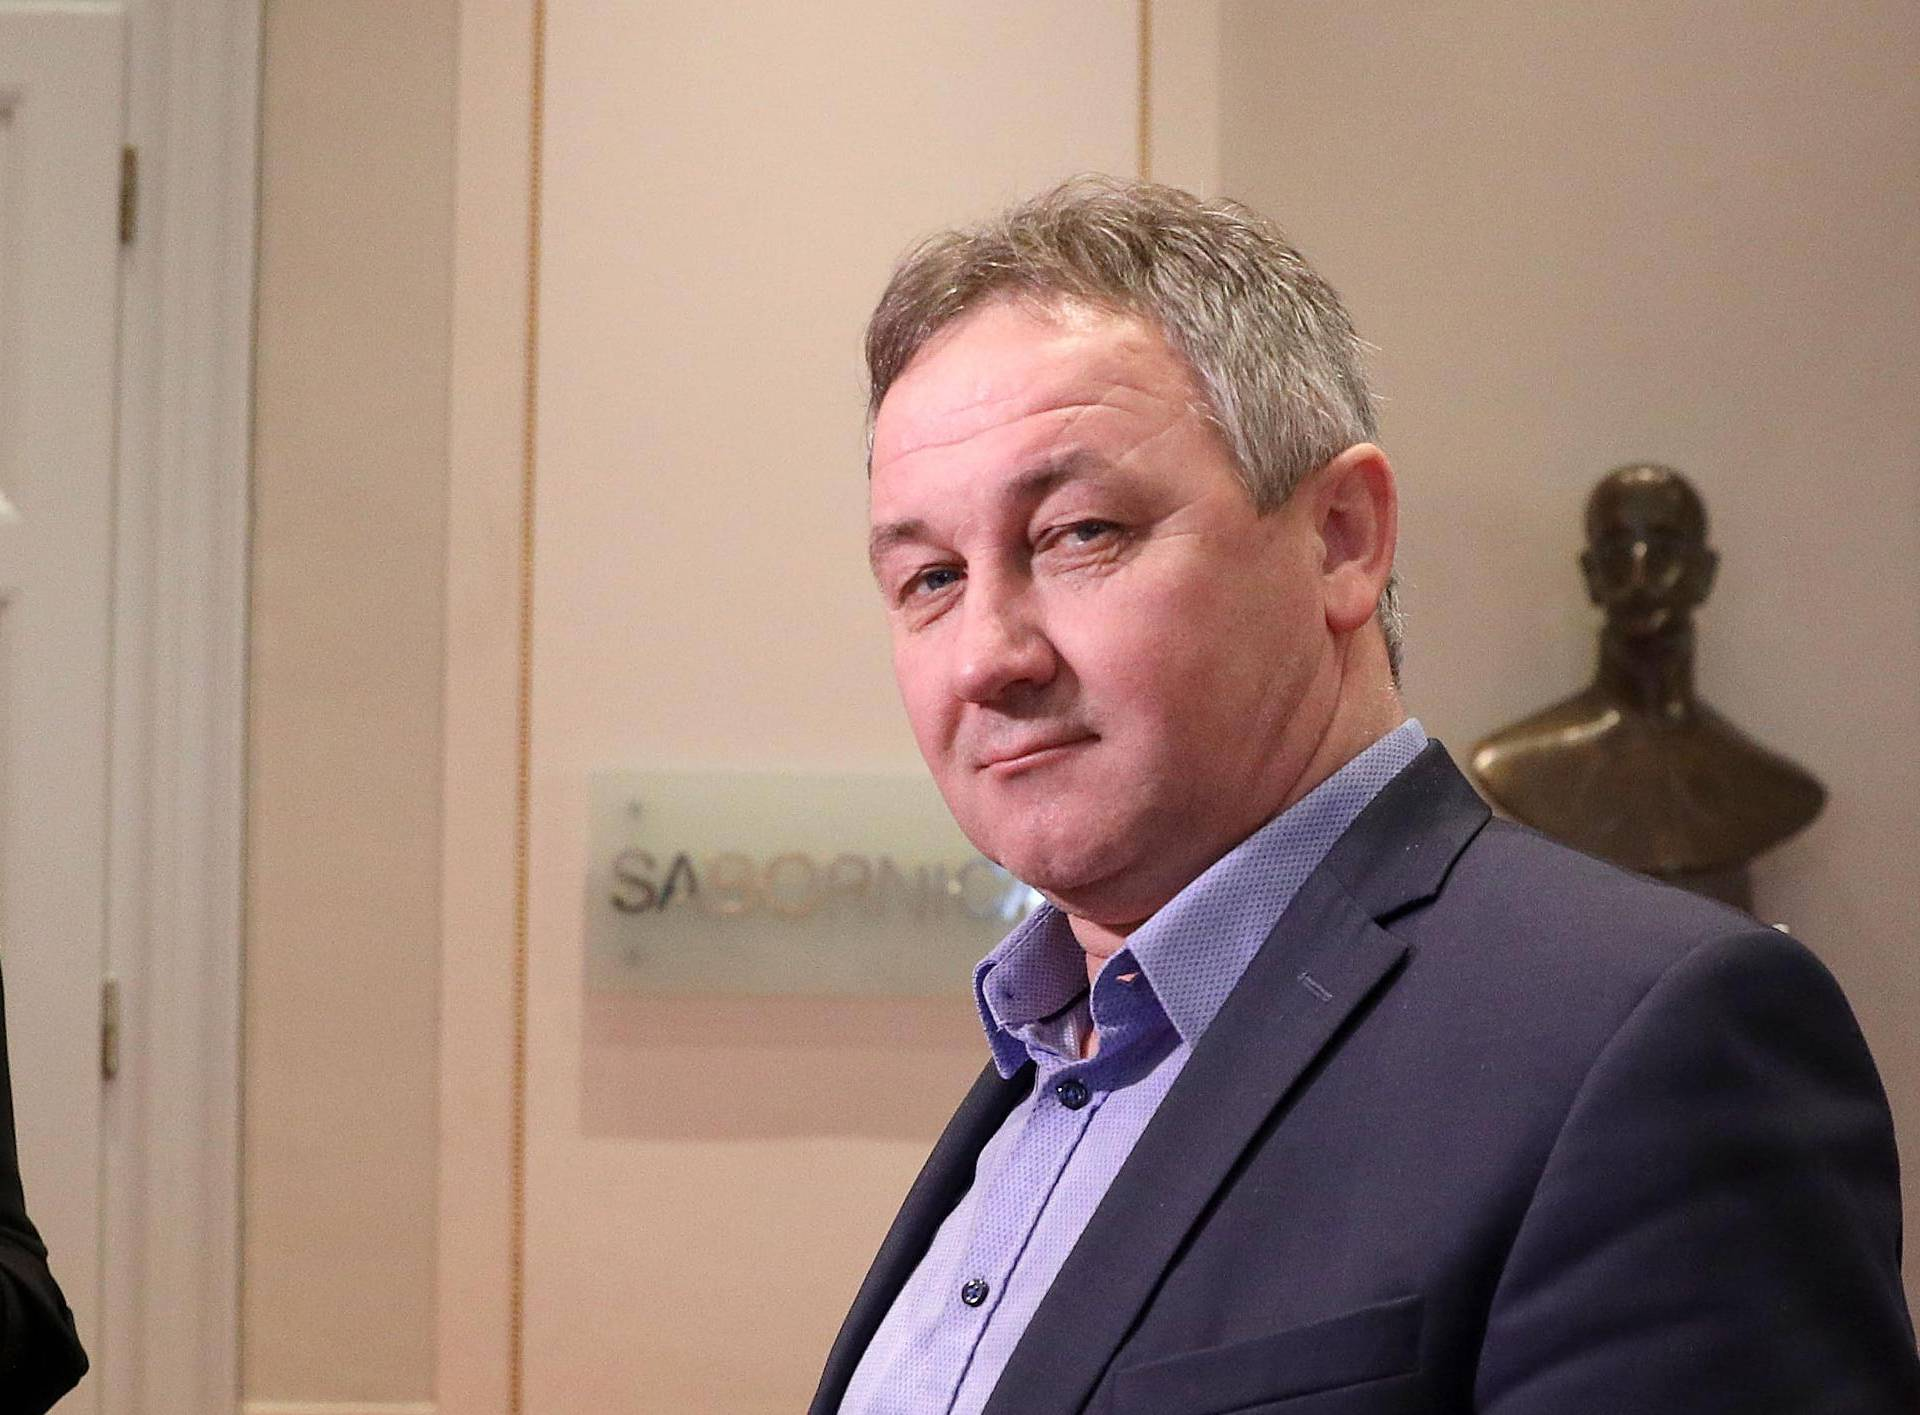 'Neću se izjasniti koji je moj stav o povlačenju amandmana'